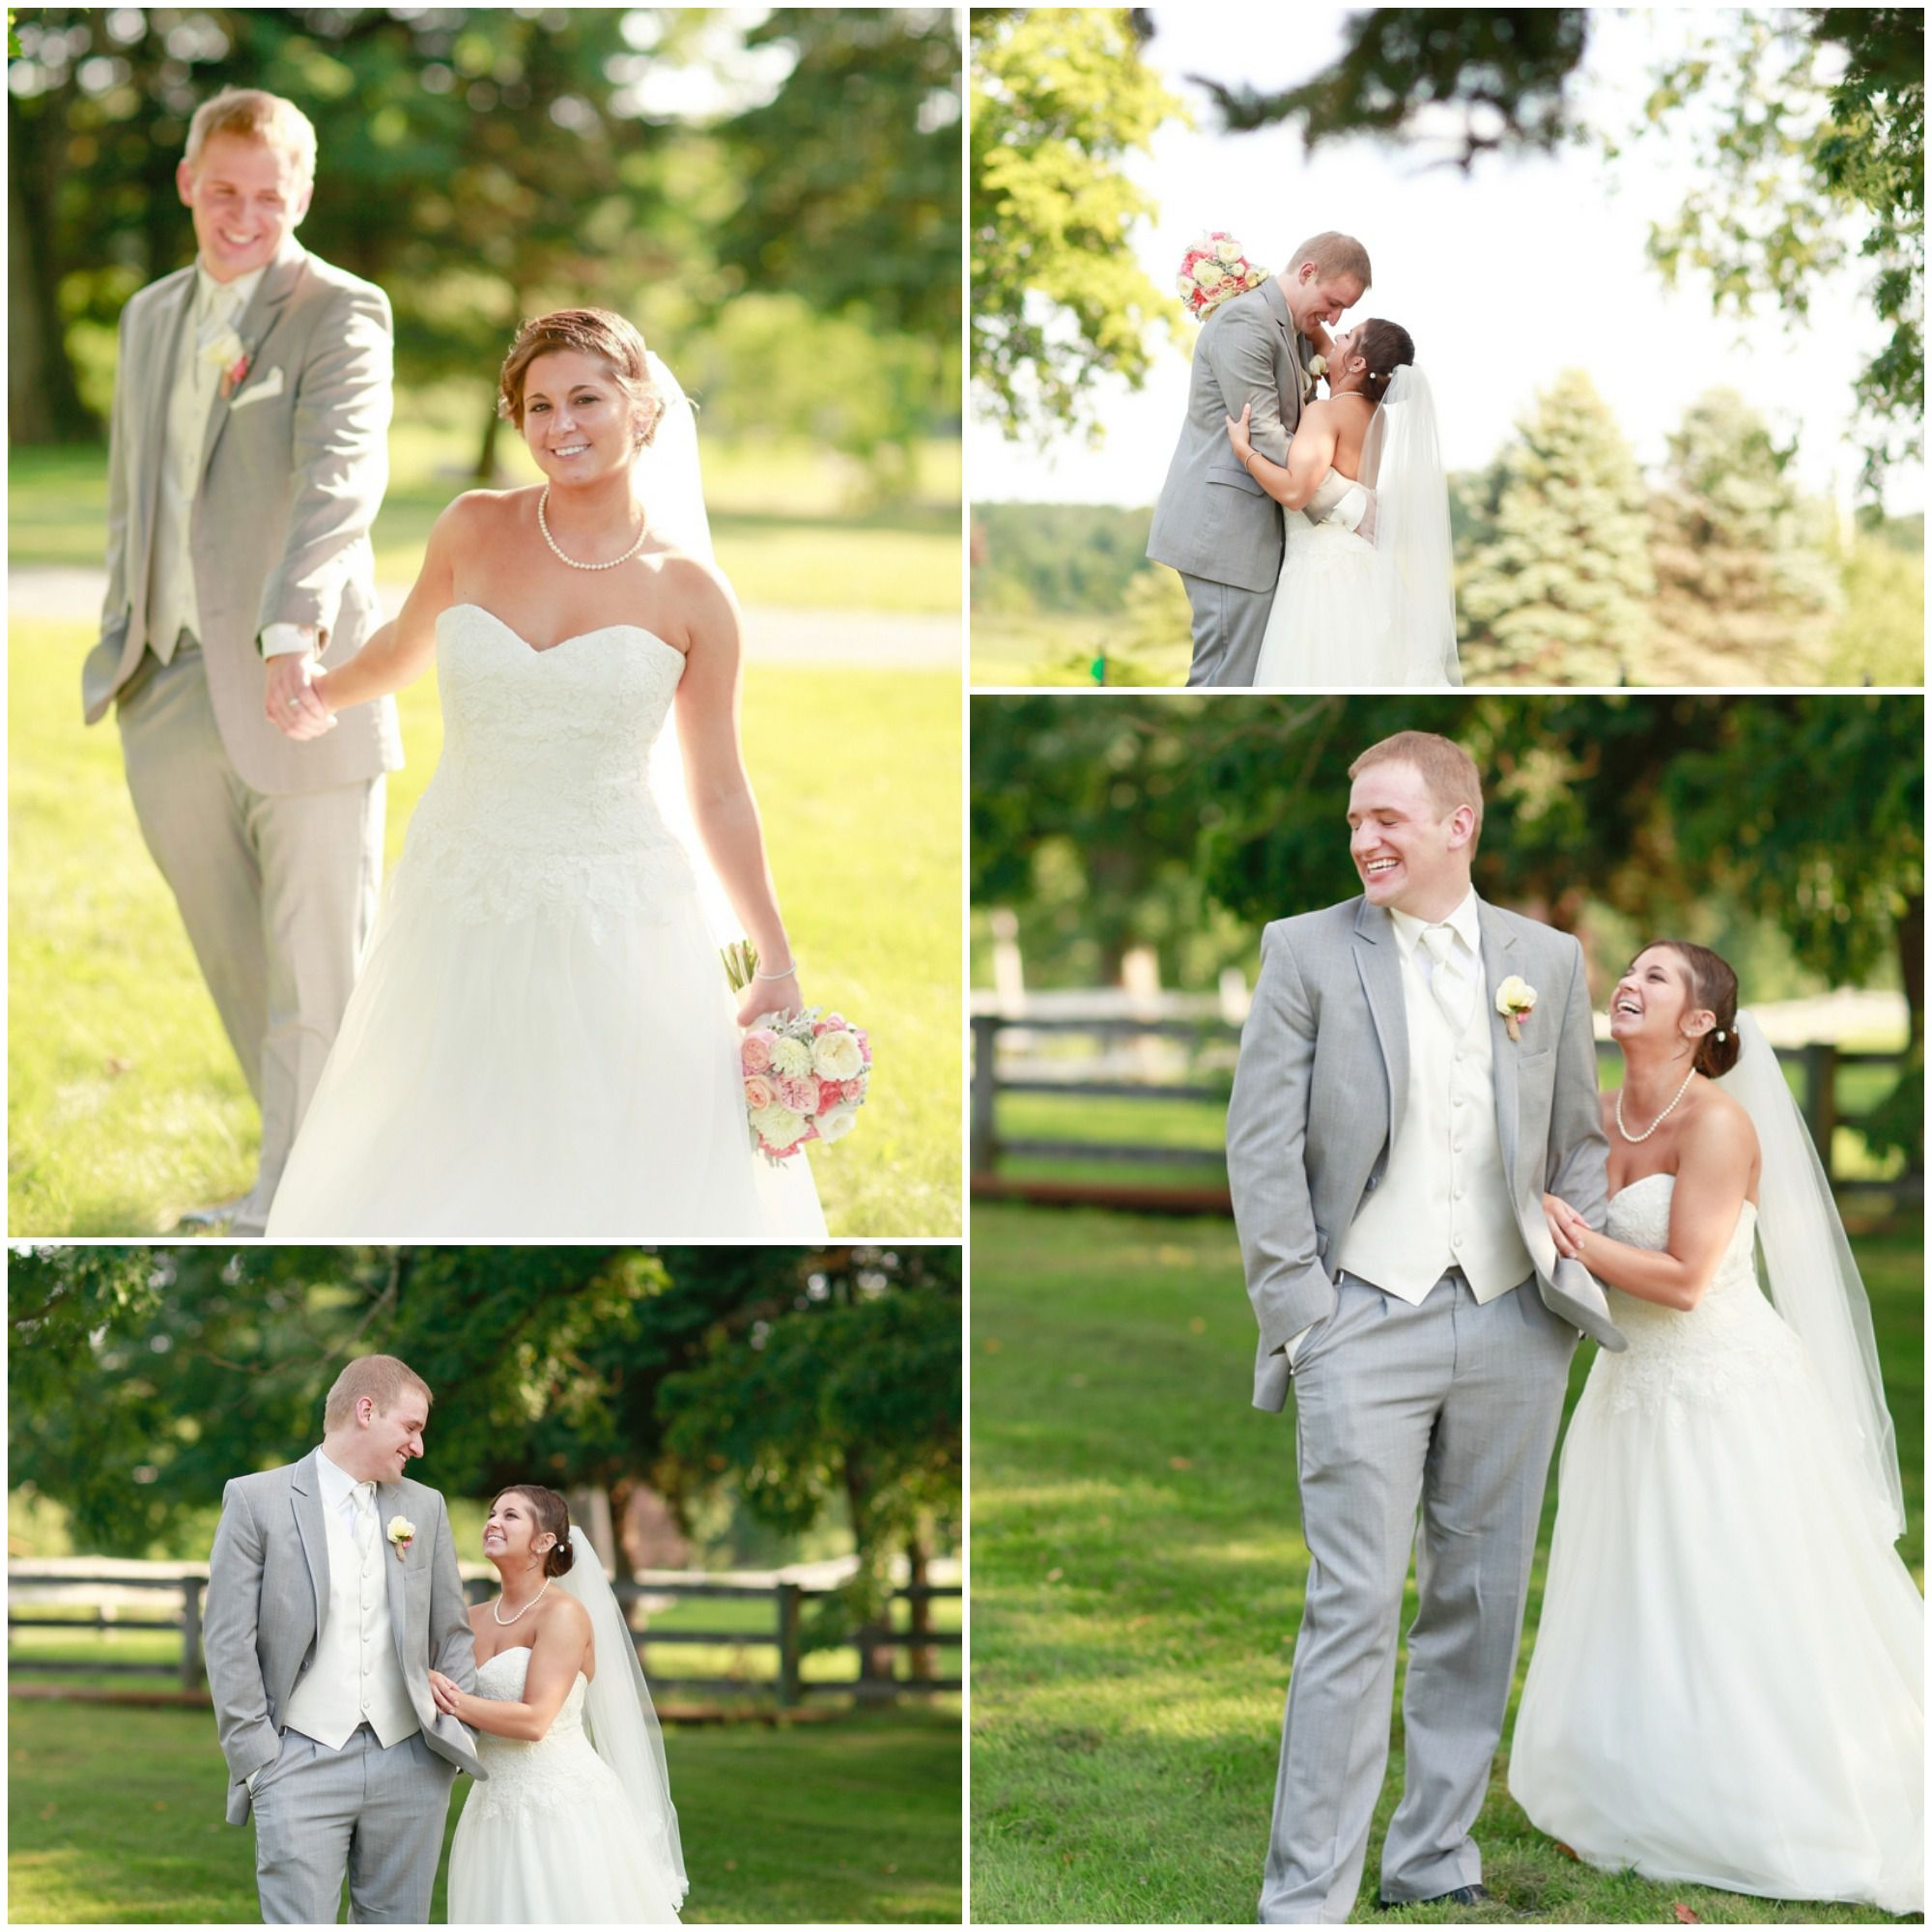 An Ohio Farm Wedding Reception Rustic Wedding Chic